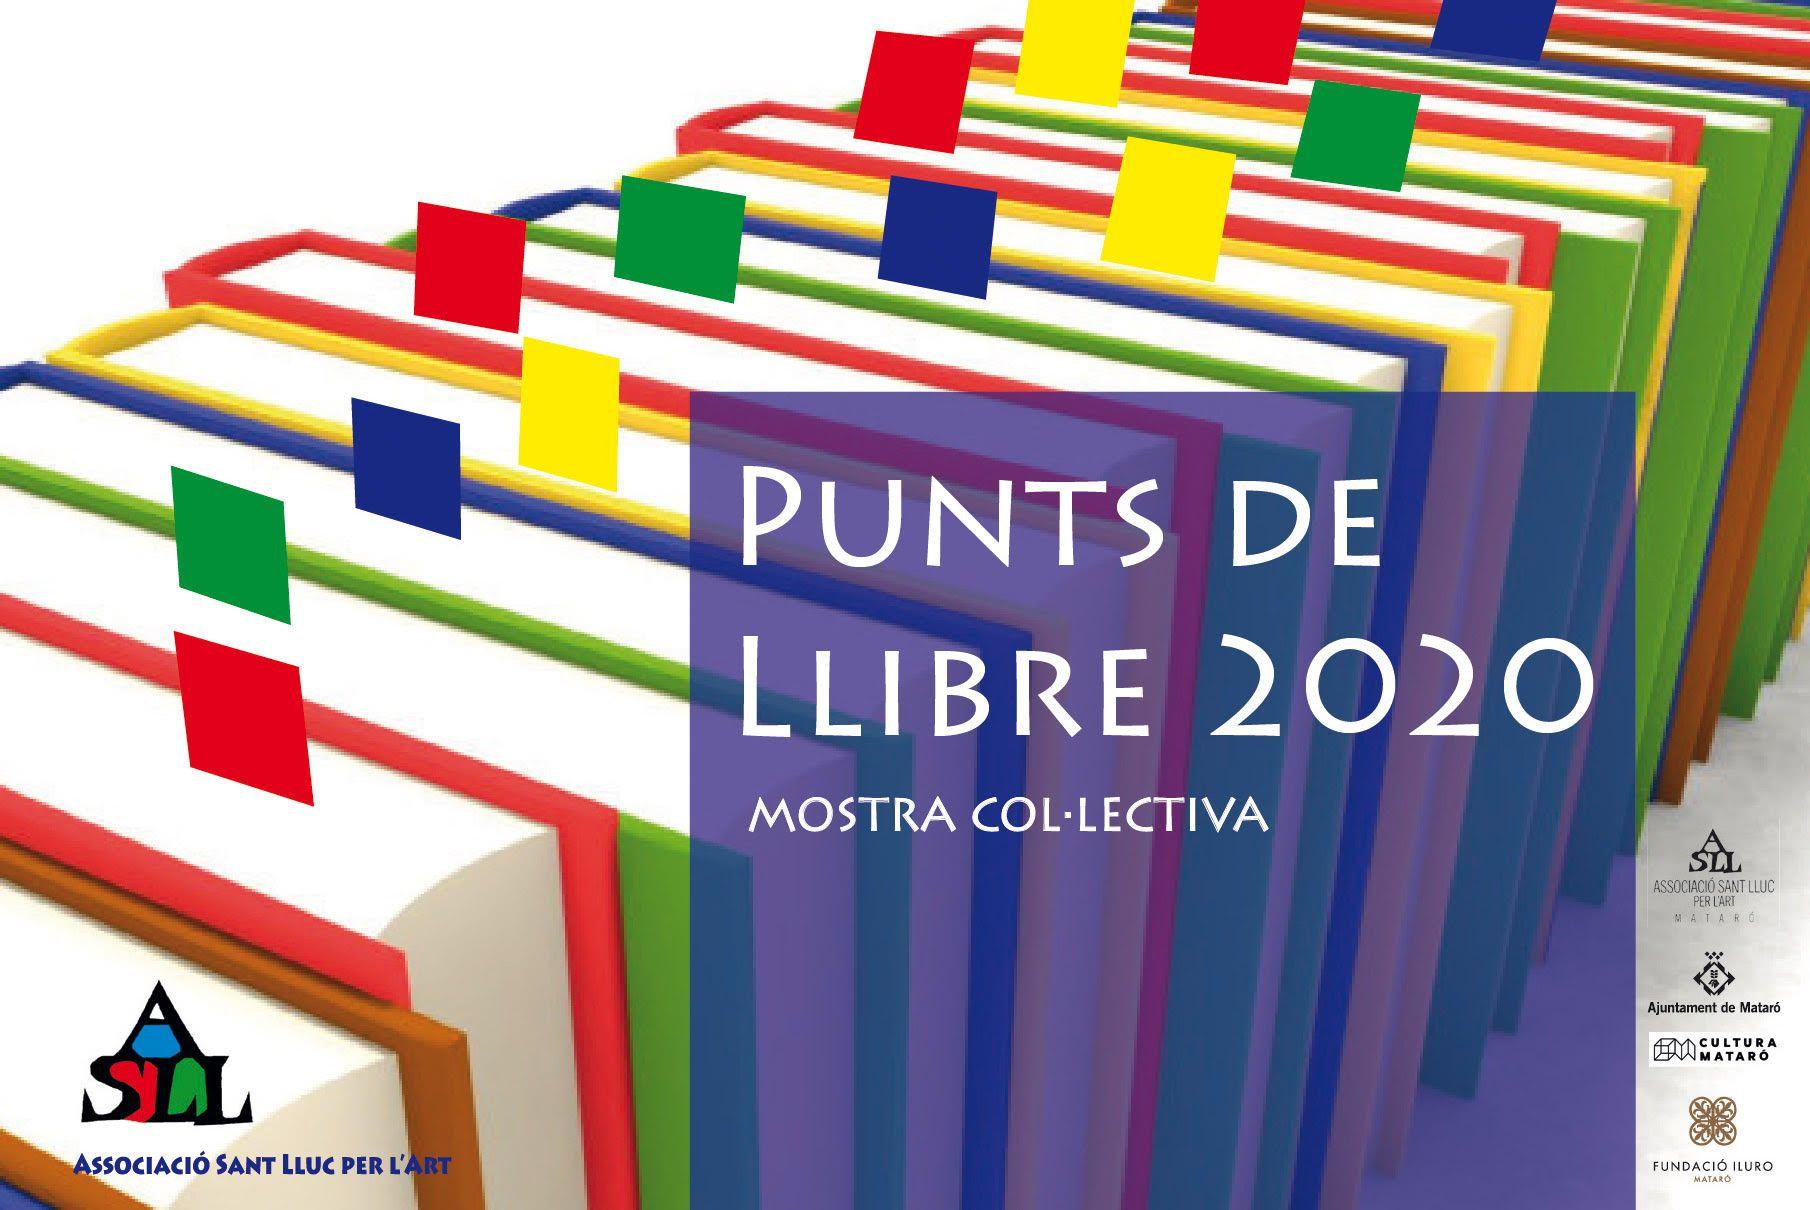 PUNTS DE LLIBRE 2020